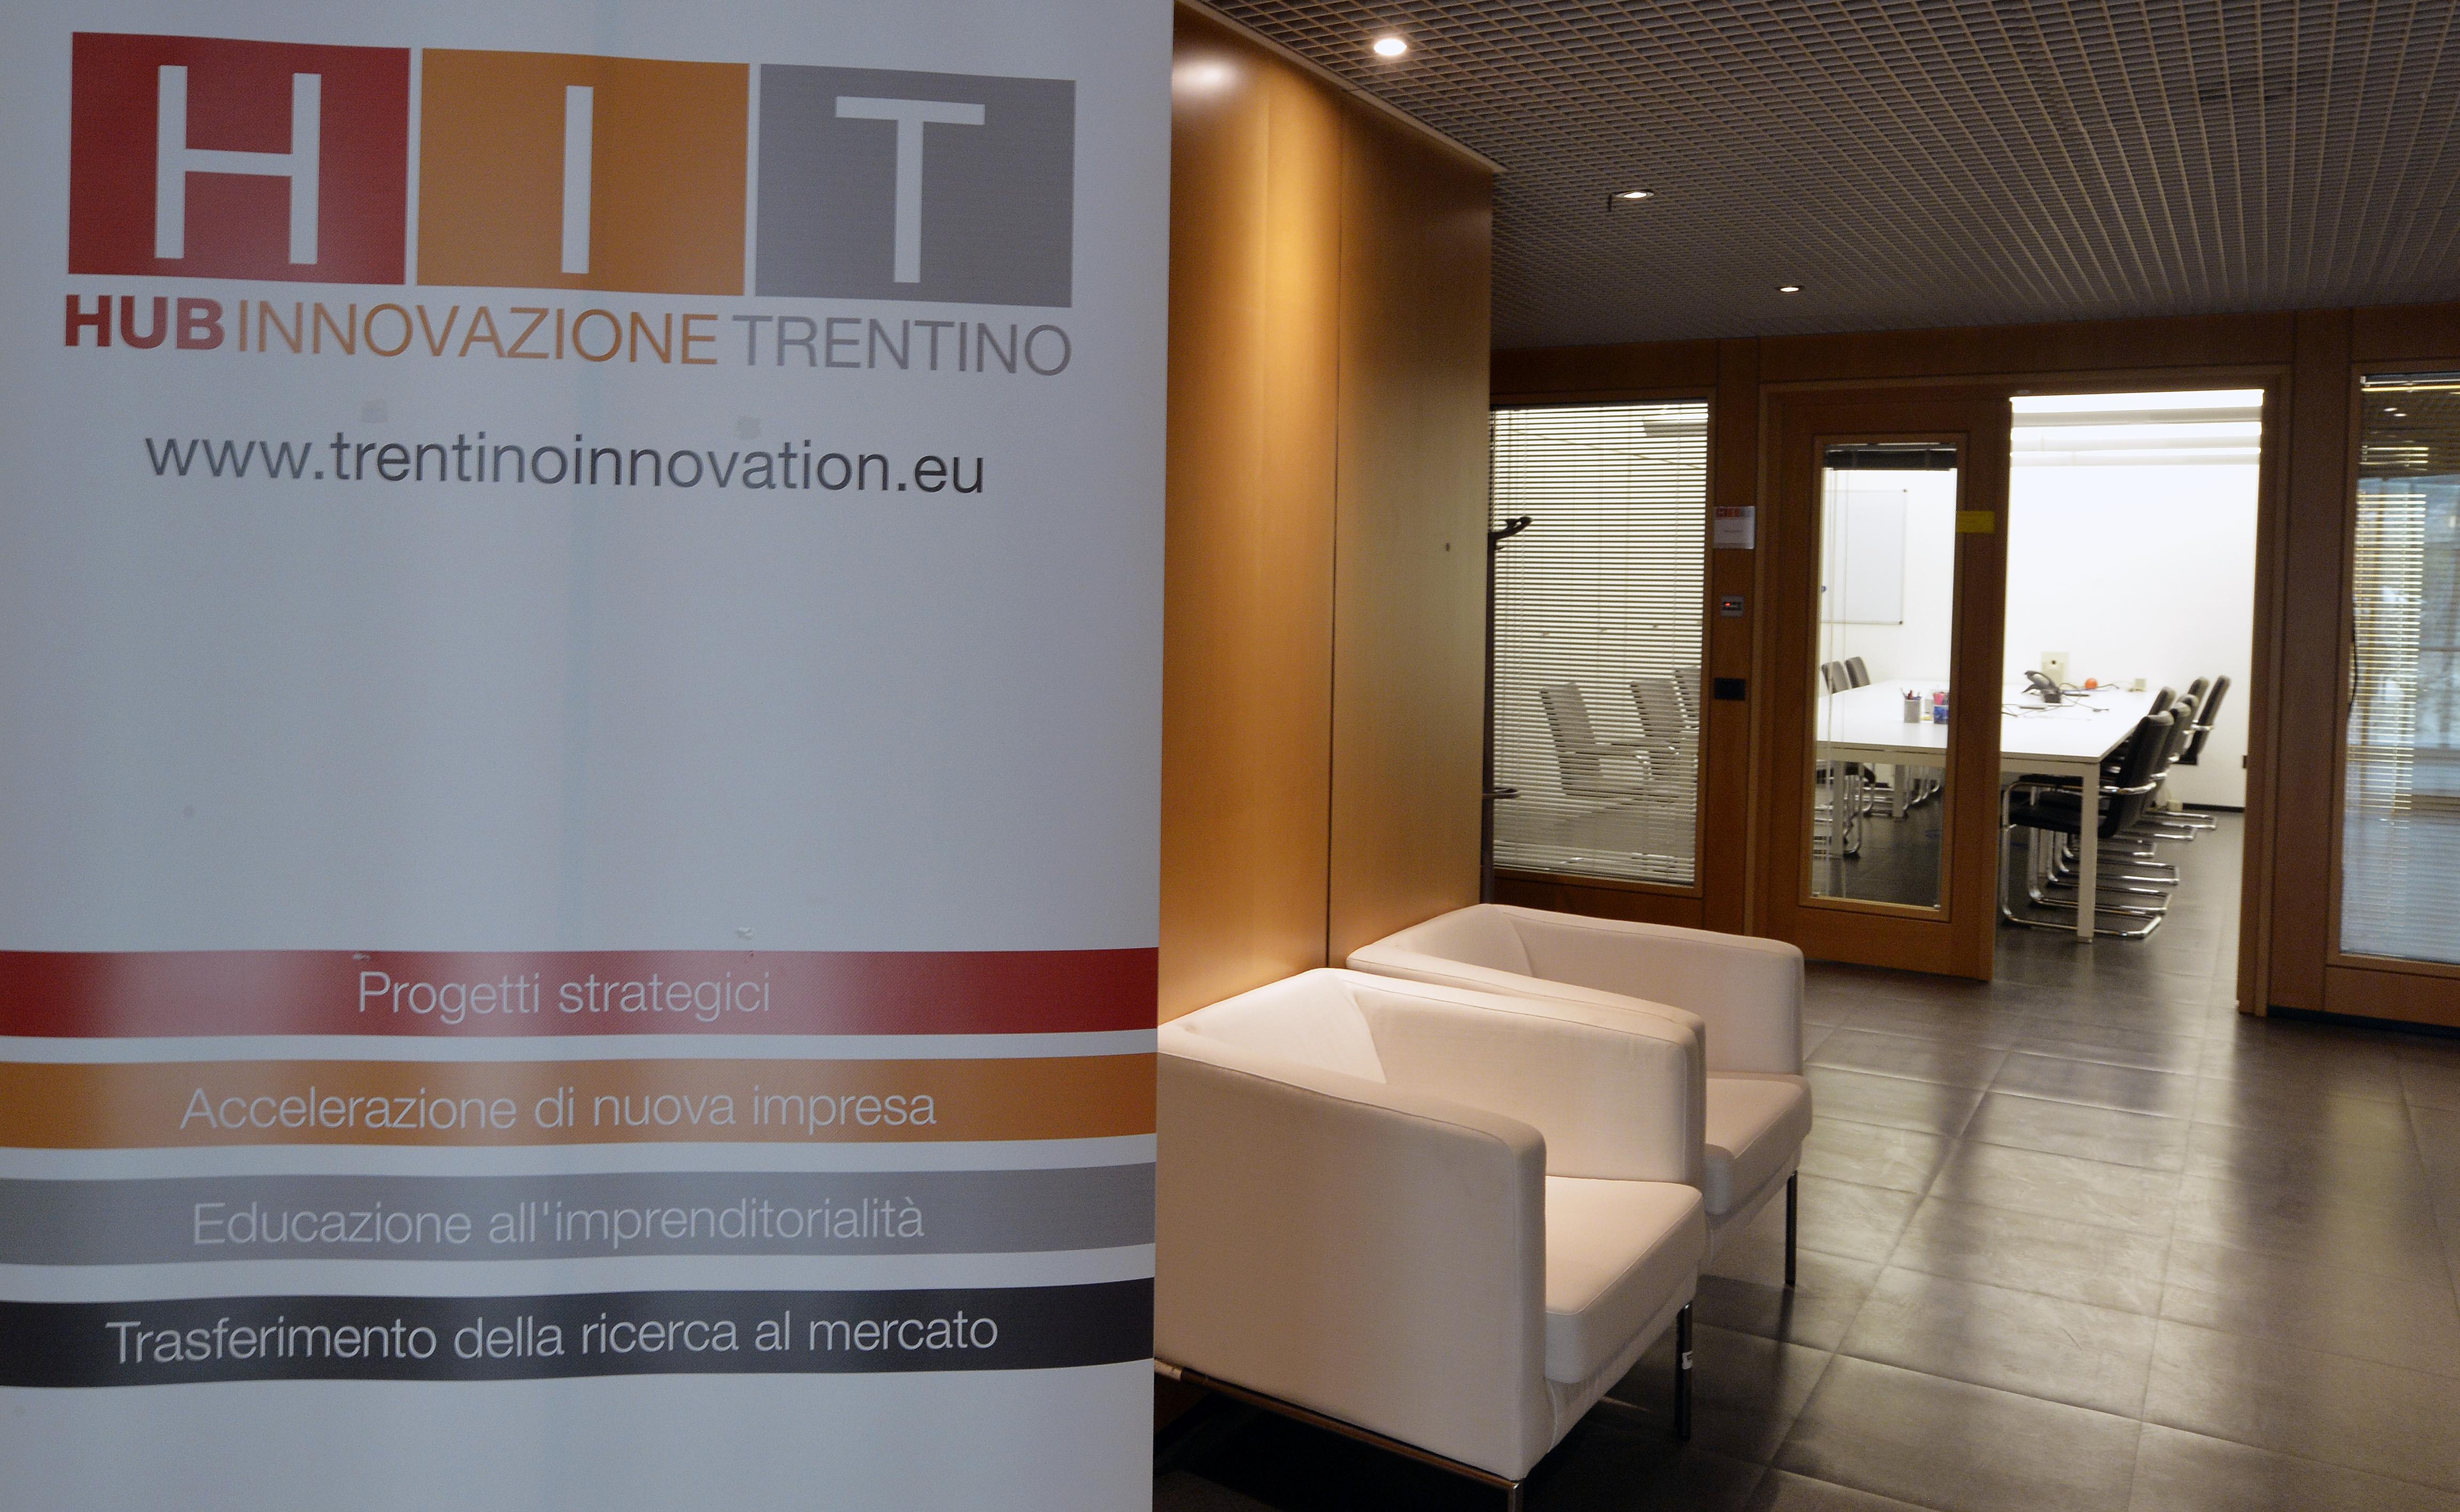 Ufficio Di Trasferimento Tecnologico : Con il supporto di hit finanziamenti europei per il trasferimento